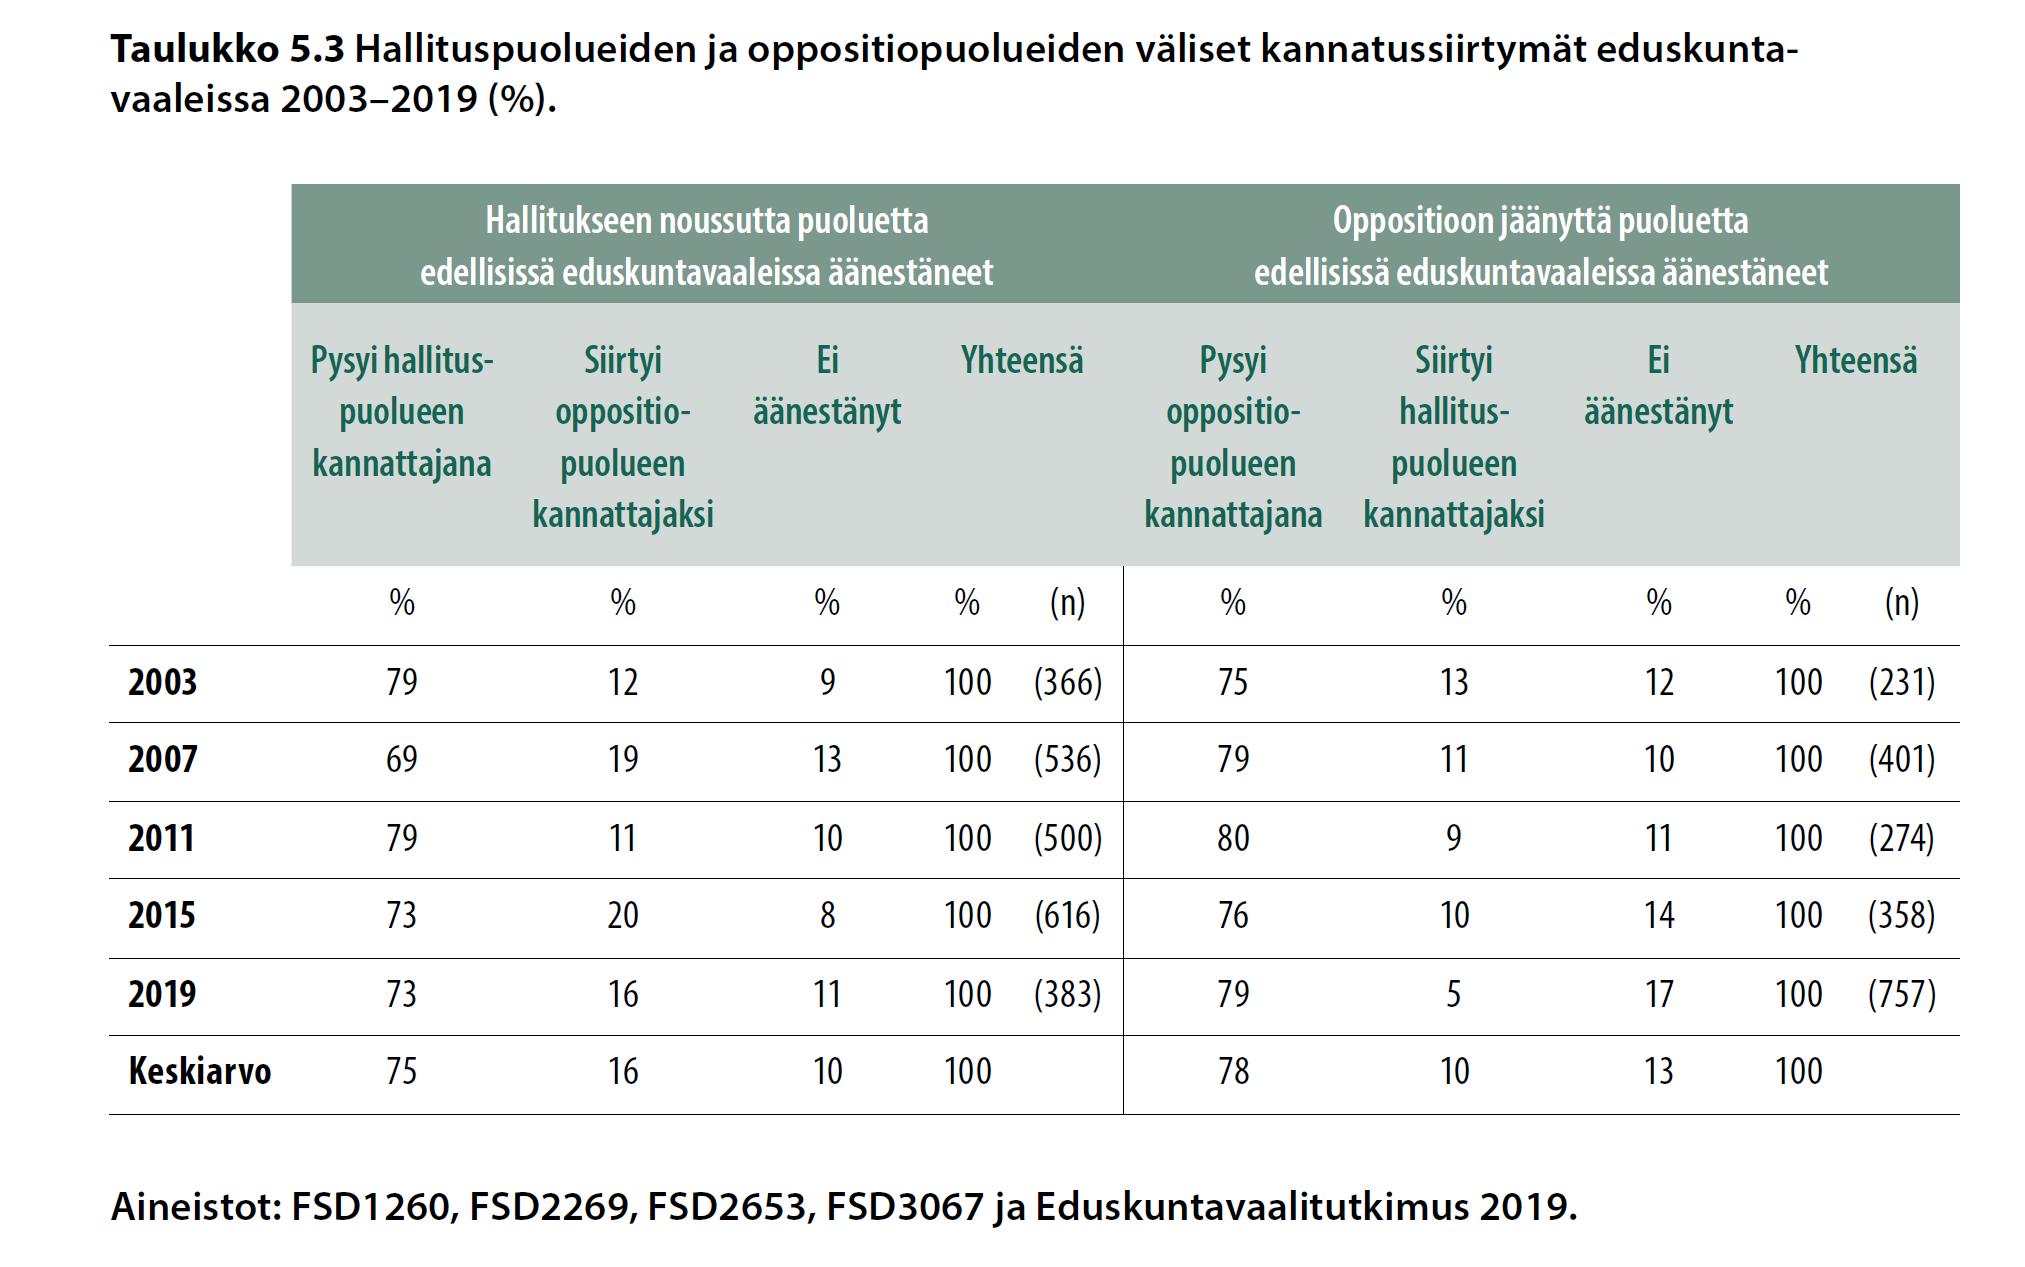 Hallituspuolueiden ja oppositiopuolueiden väliset kannatussiirtymät eduskuntavaaleissa 2003-2009 (%).